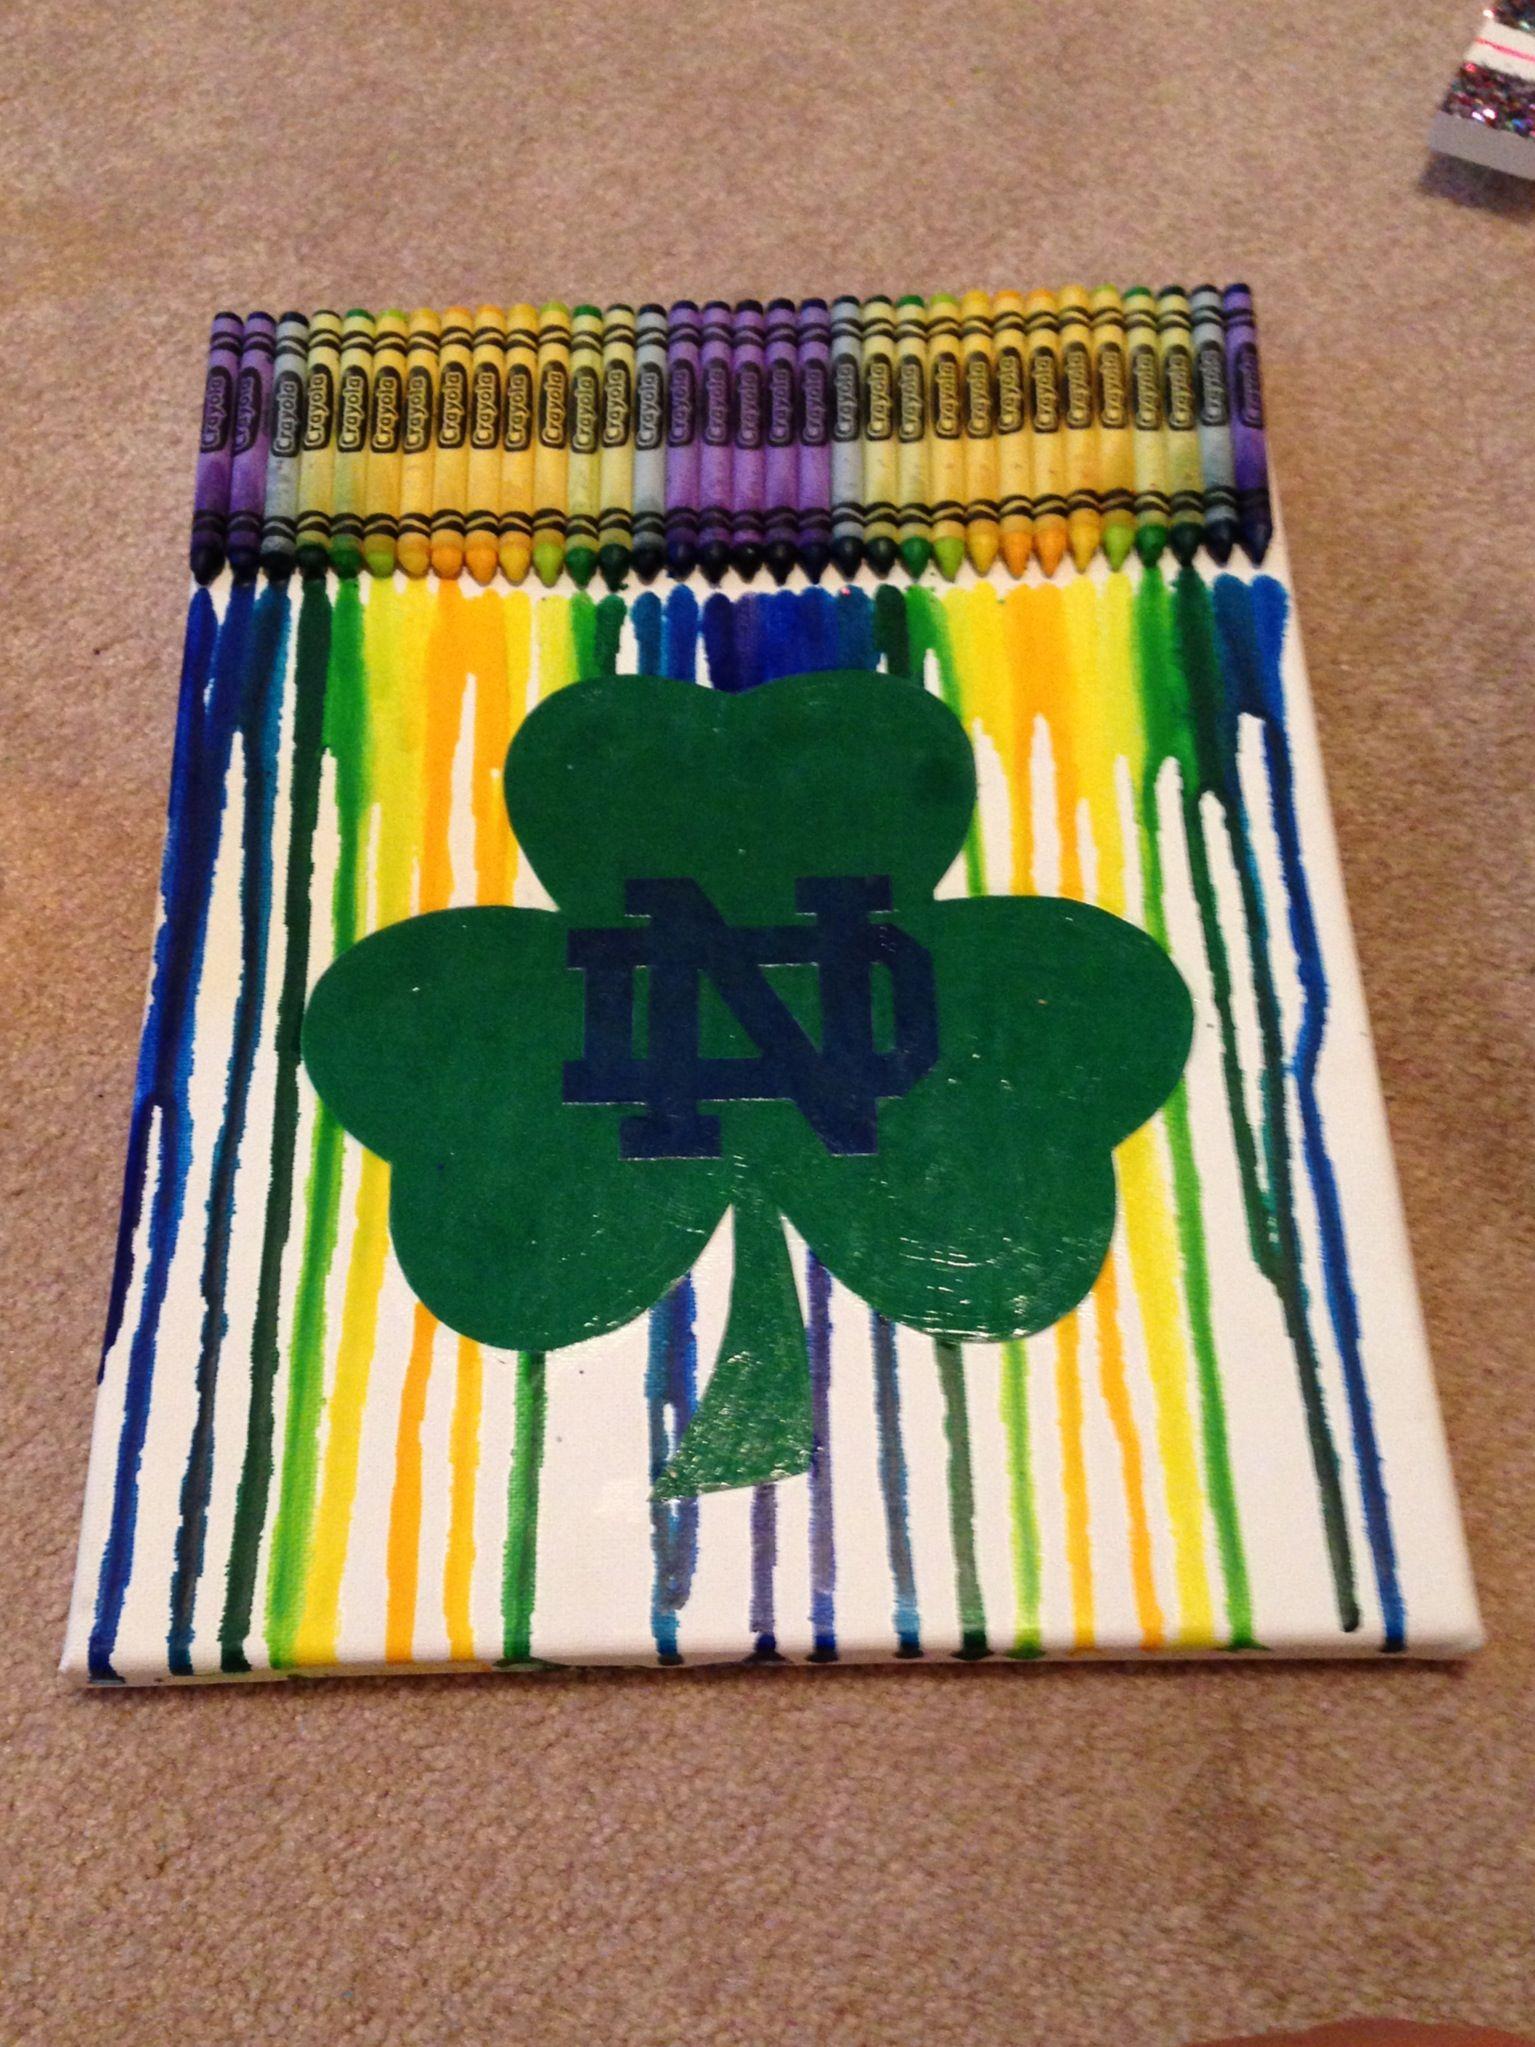 Notre Dame Crayon melt! Notre dame crafts, Notre dame